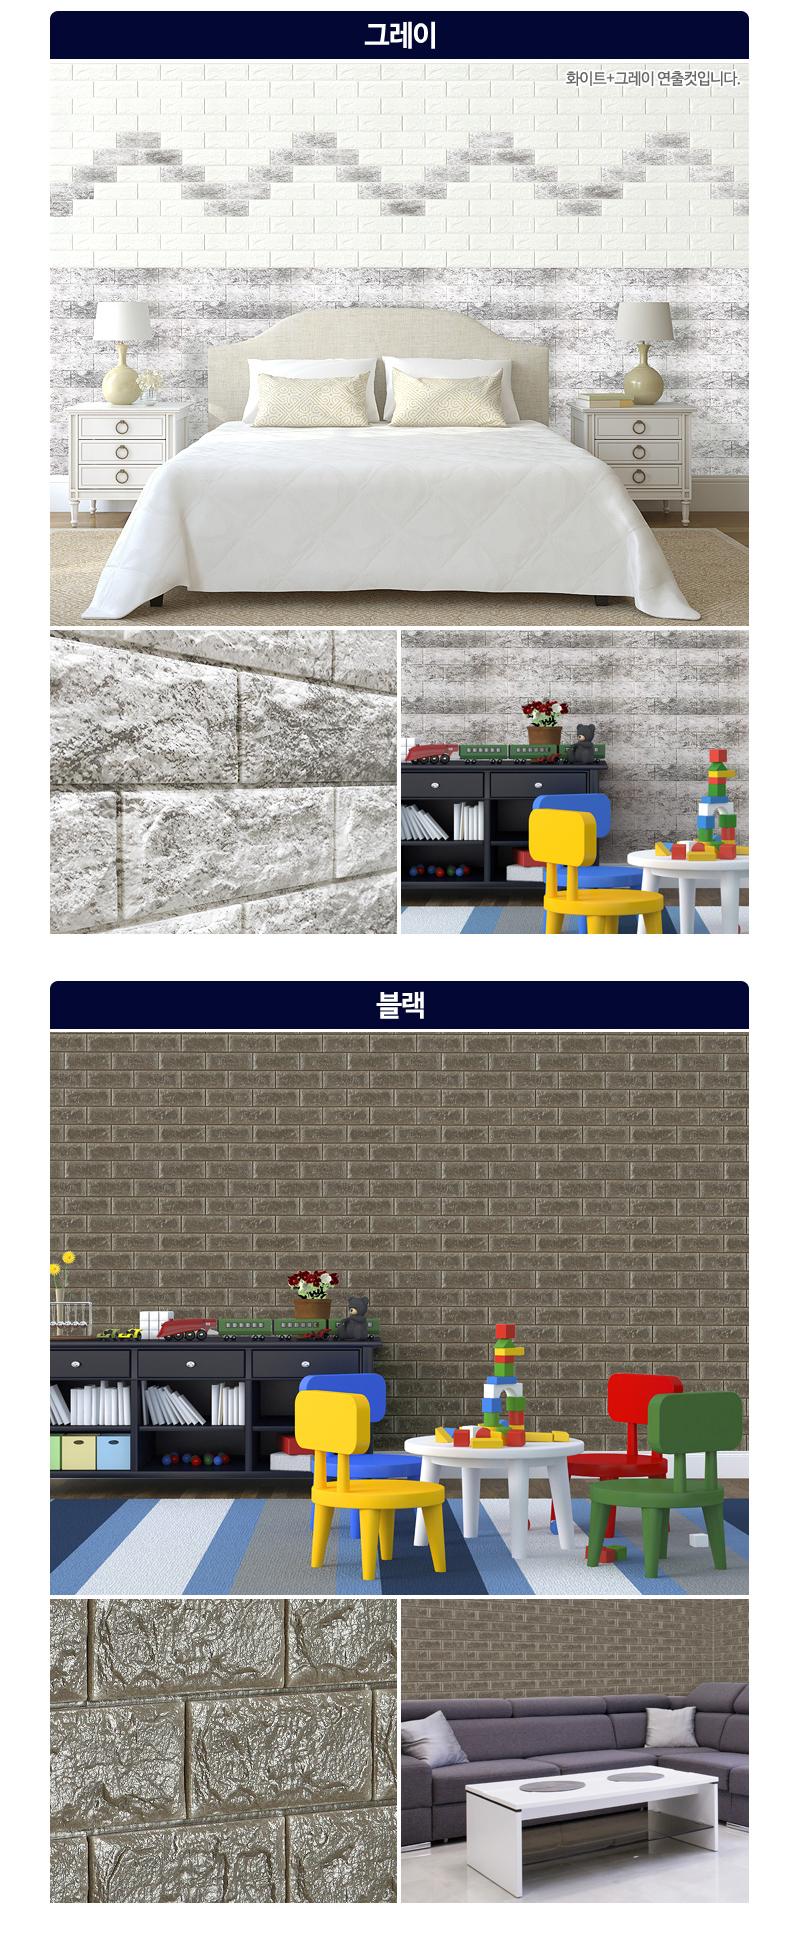 네이쳐 폼블럭 (15장) 인테리어 단열벽지(770×710) - 더홈, 76,000원, 벽지/시트지, 단열벽지